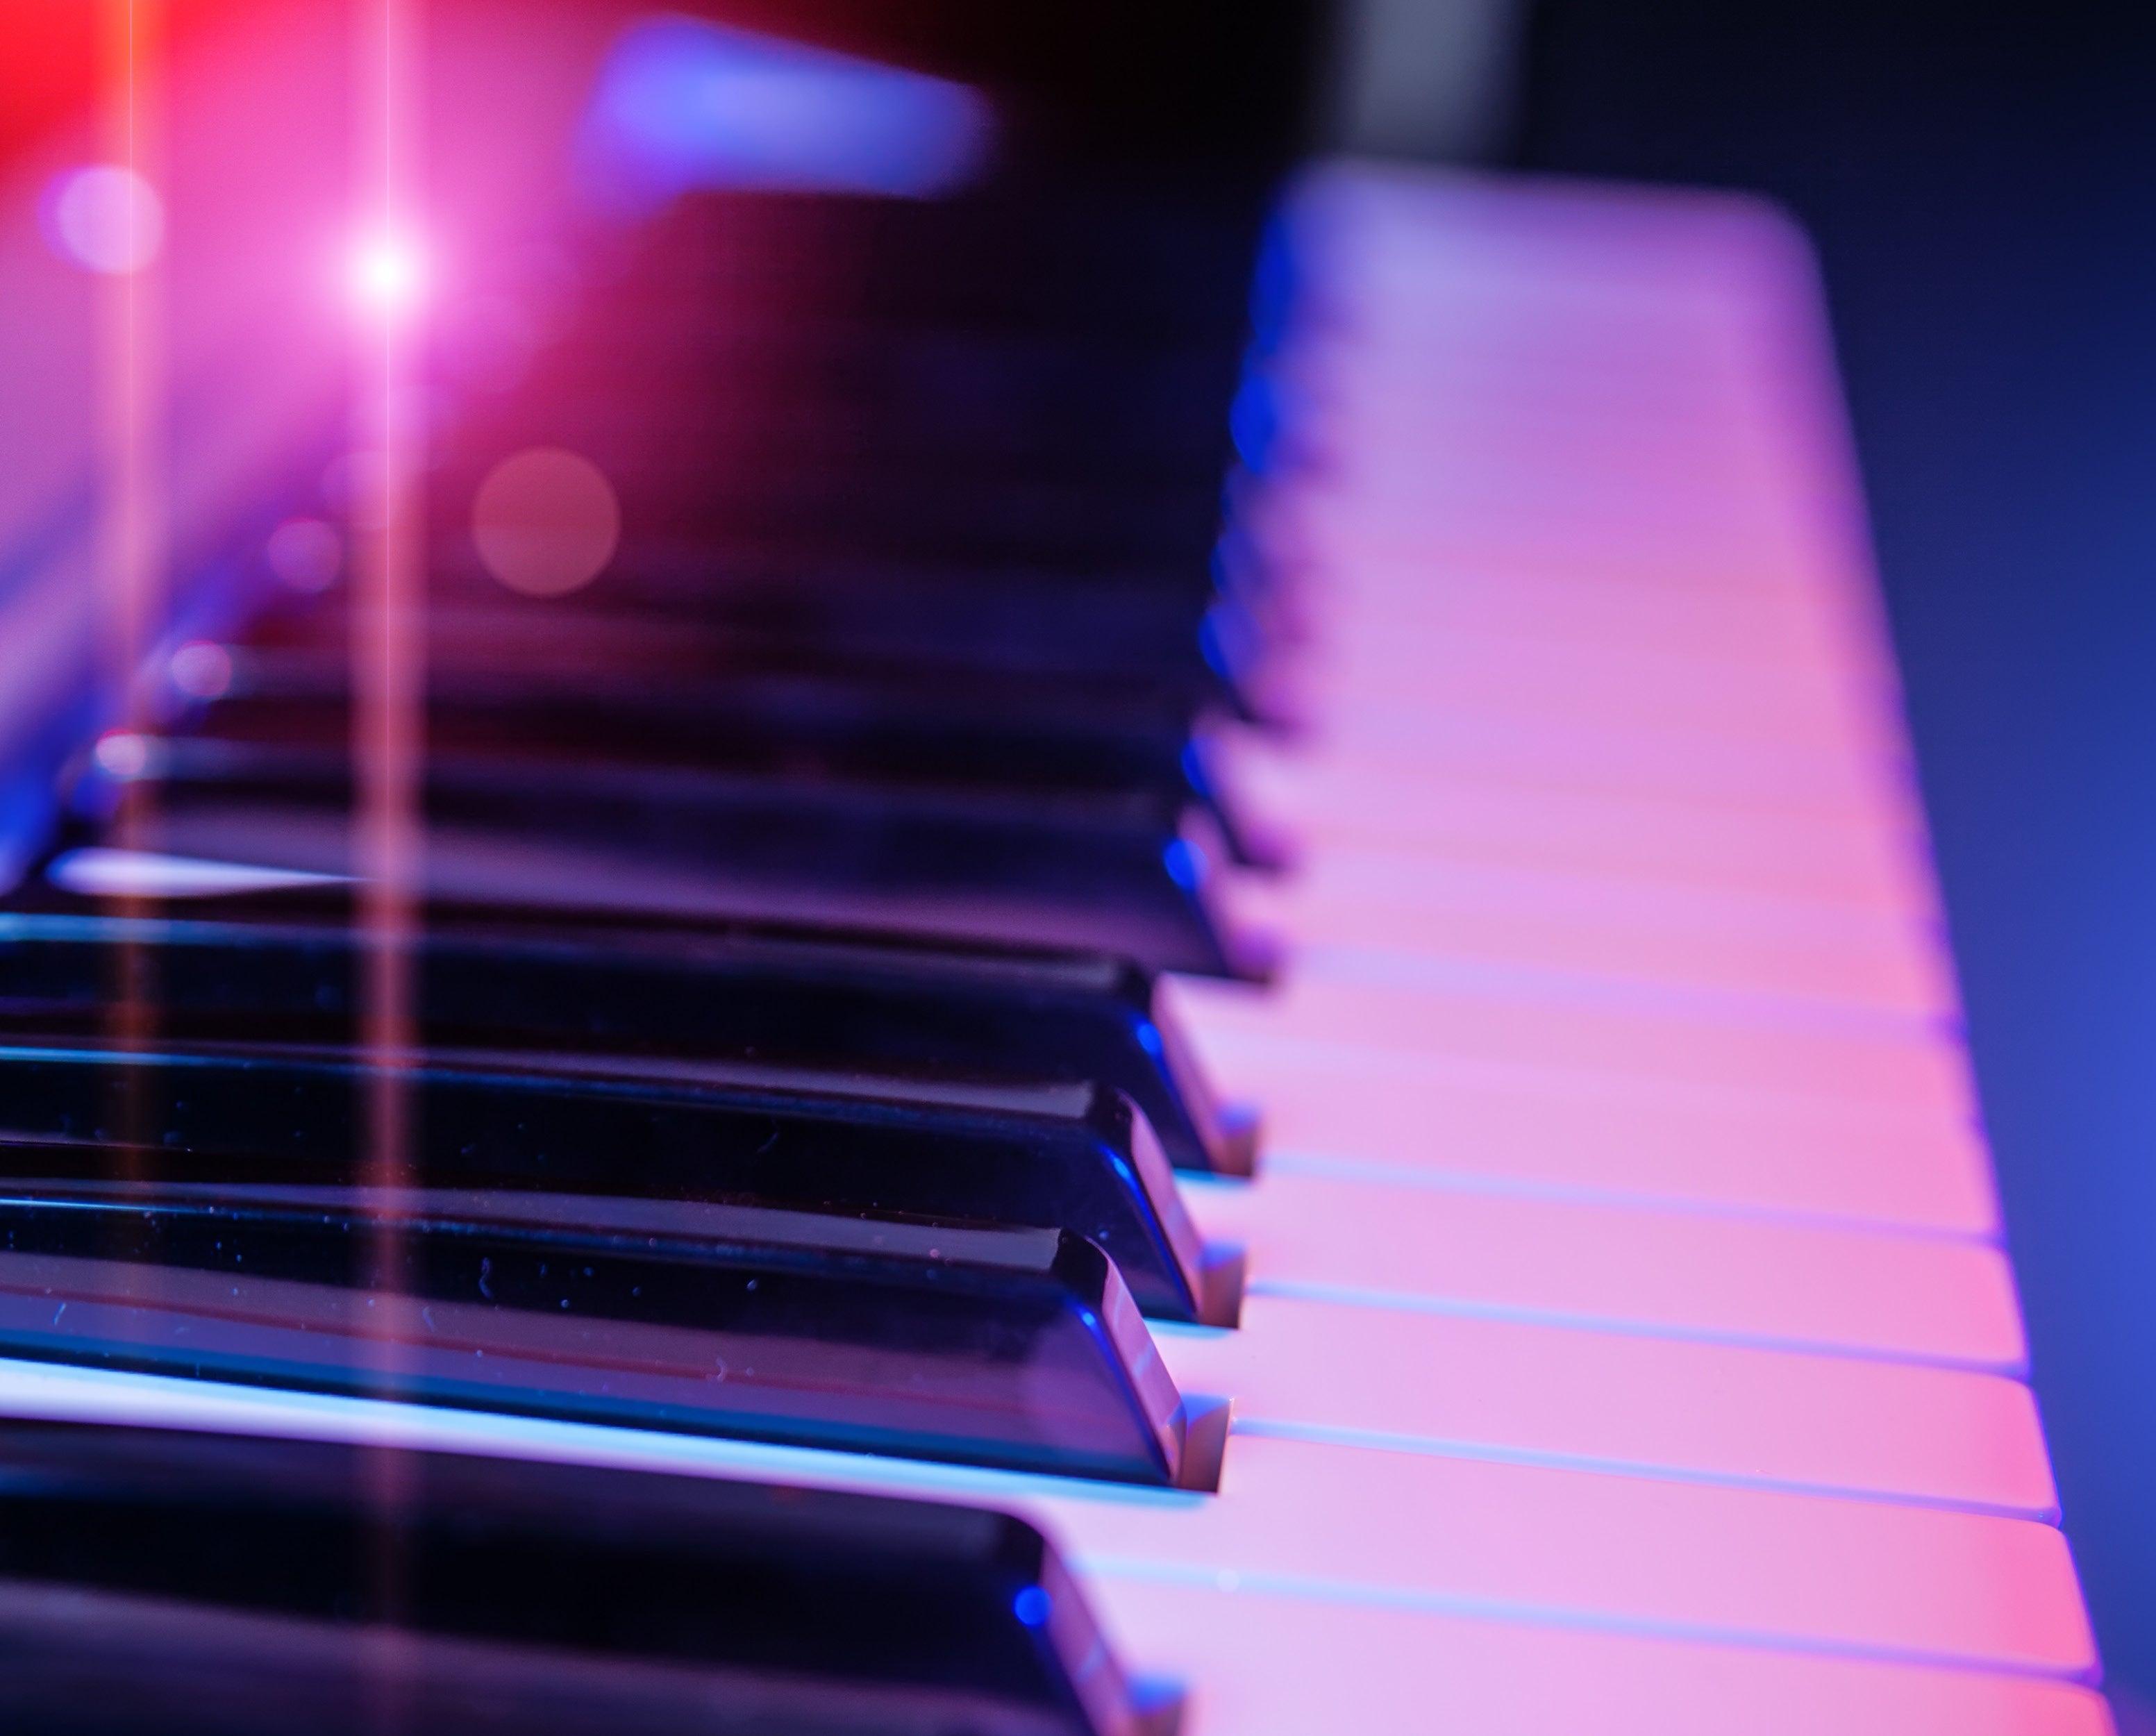 MW1 - Beethoven - 745x600.jpg